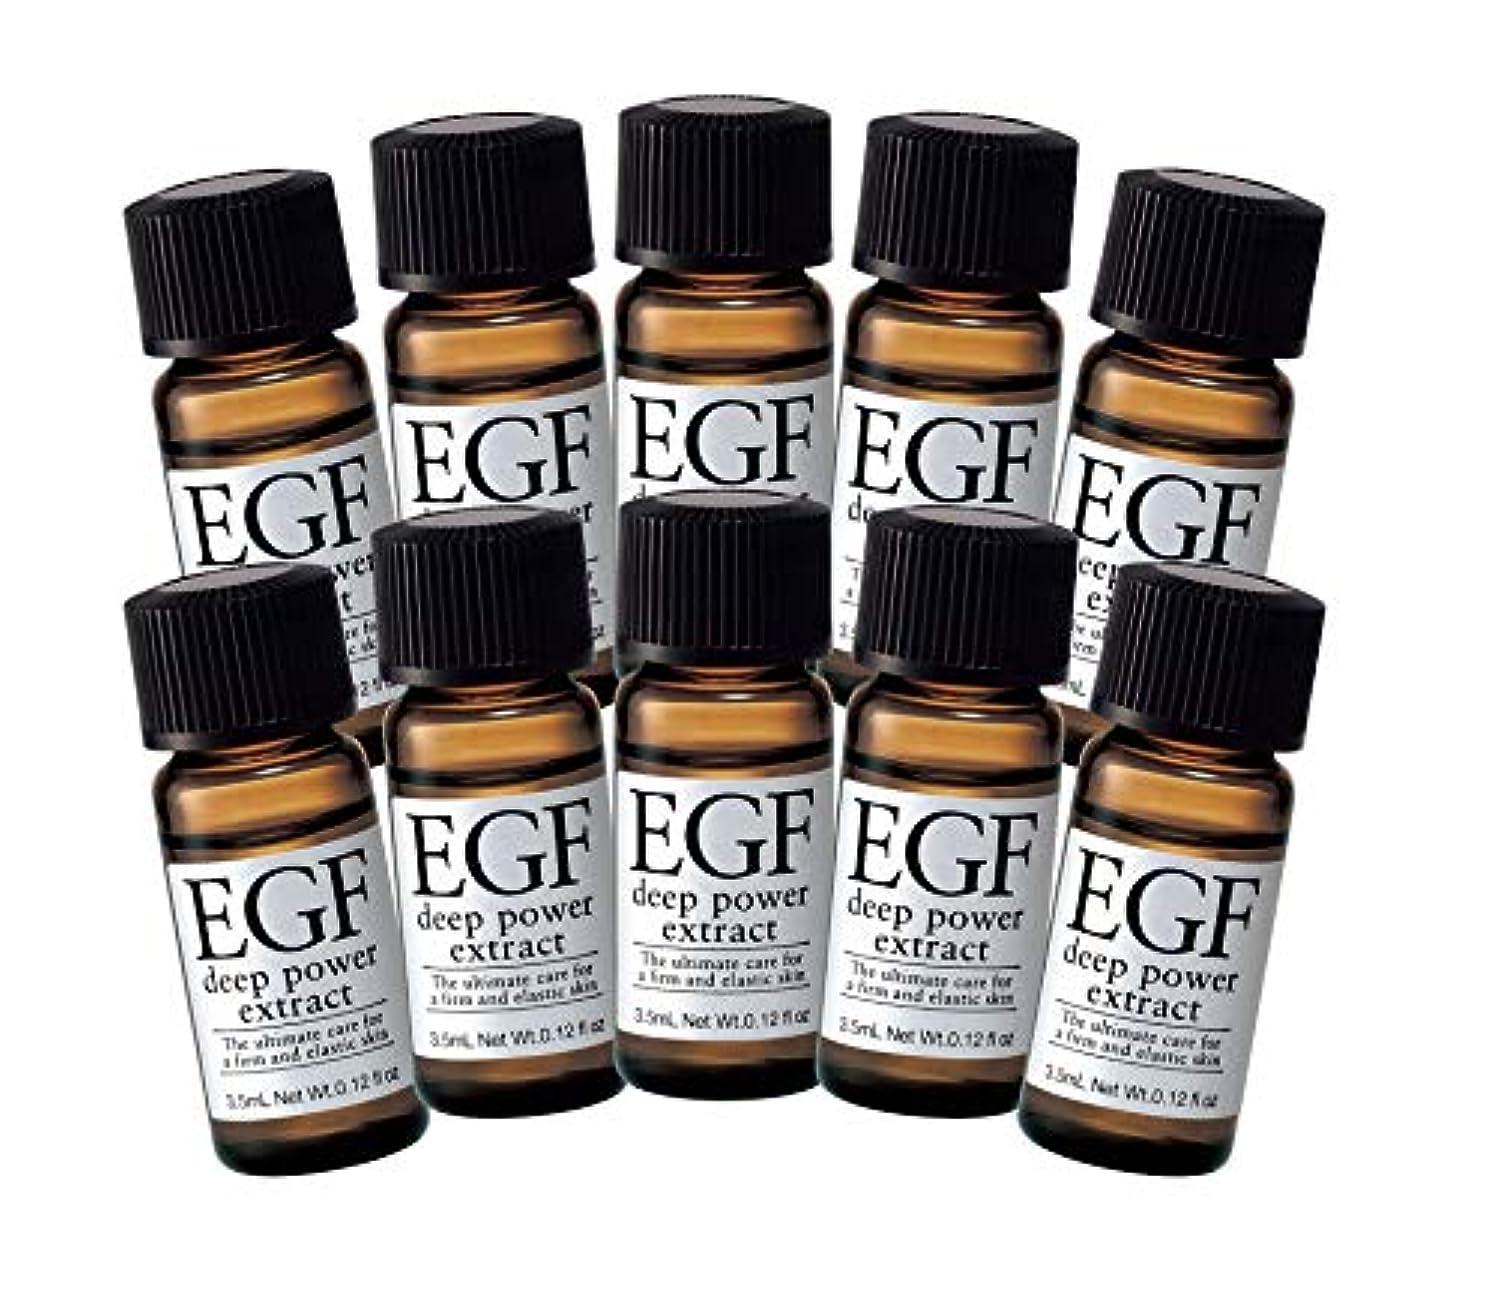 膨張する謙虚闇EGF ディープパワーエキス 35mL(3.5mL×10本)